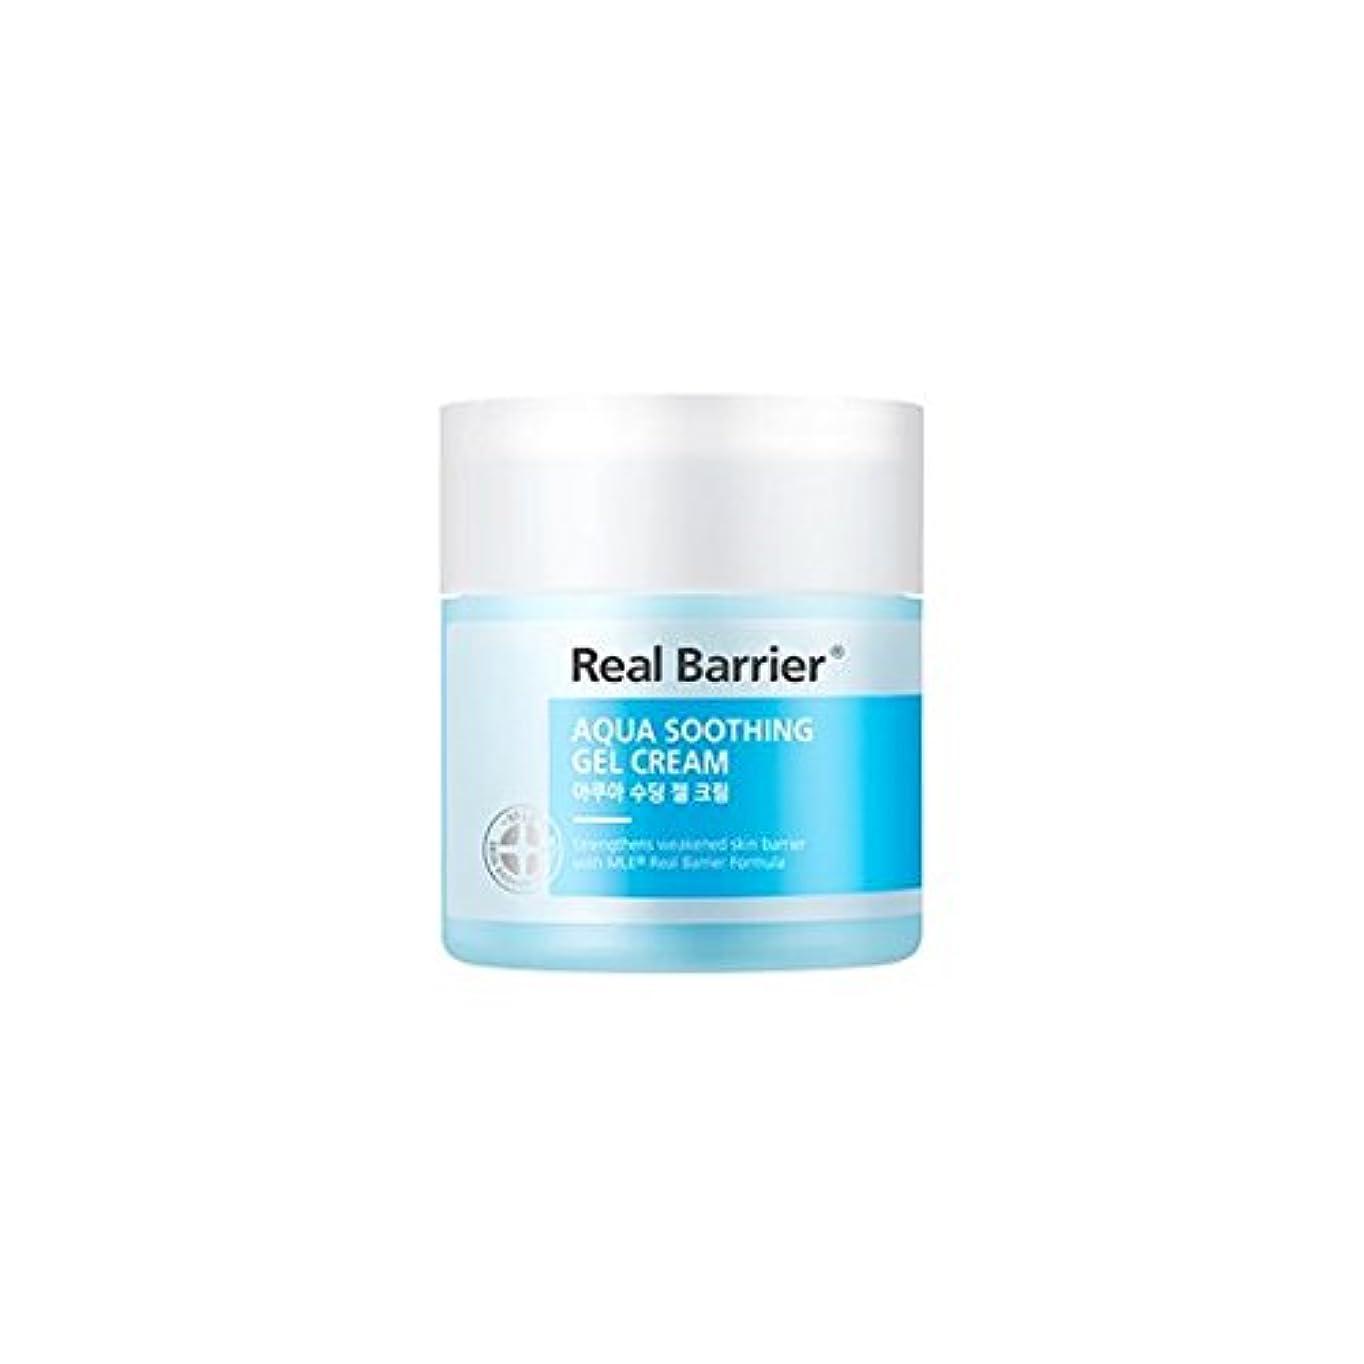 ループ深いサイドボードATOPALM Real Barrier リアルバリアアクアスーディングジェルクリーム50ml / REAL BARRIER AQUA SOOTHING GEL CREAM [海外直送品]